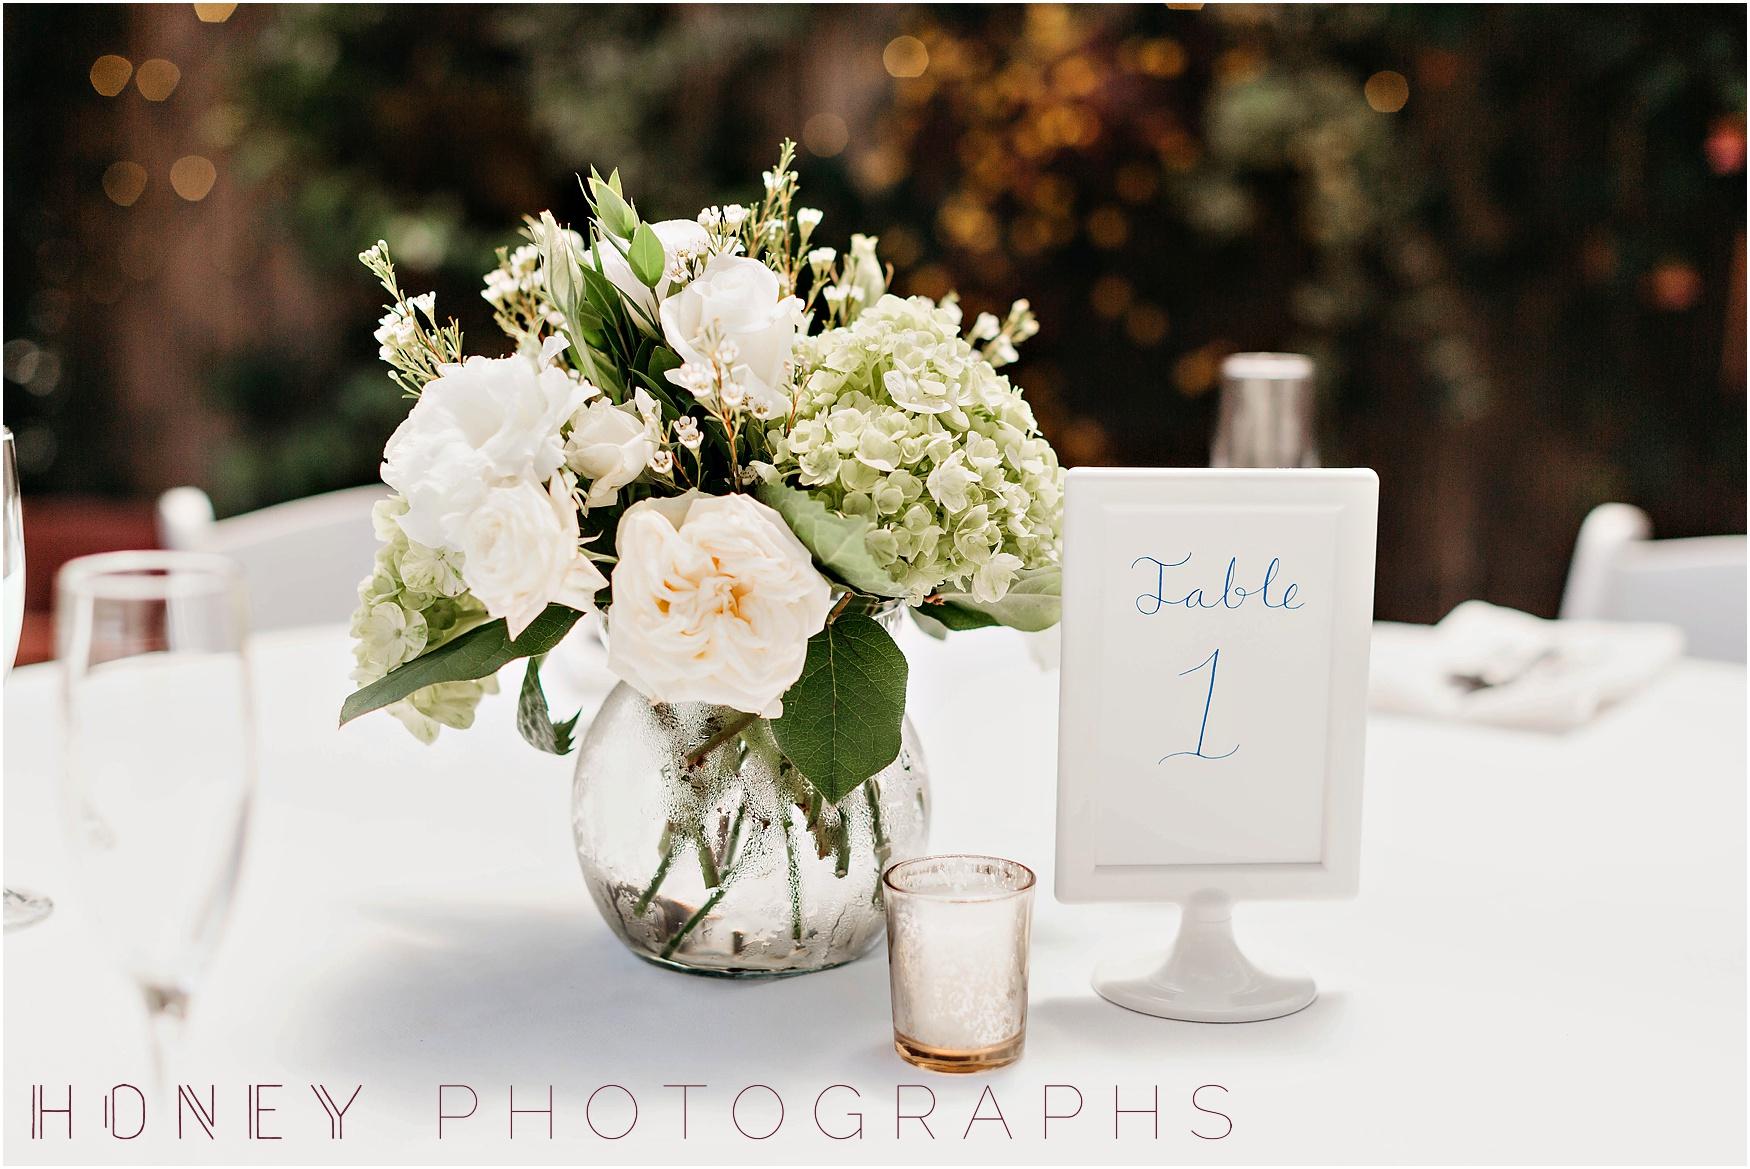 cambria-san-lois-obispo-wedding-garden-intimate37.jpg